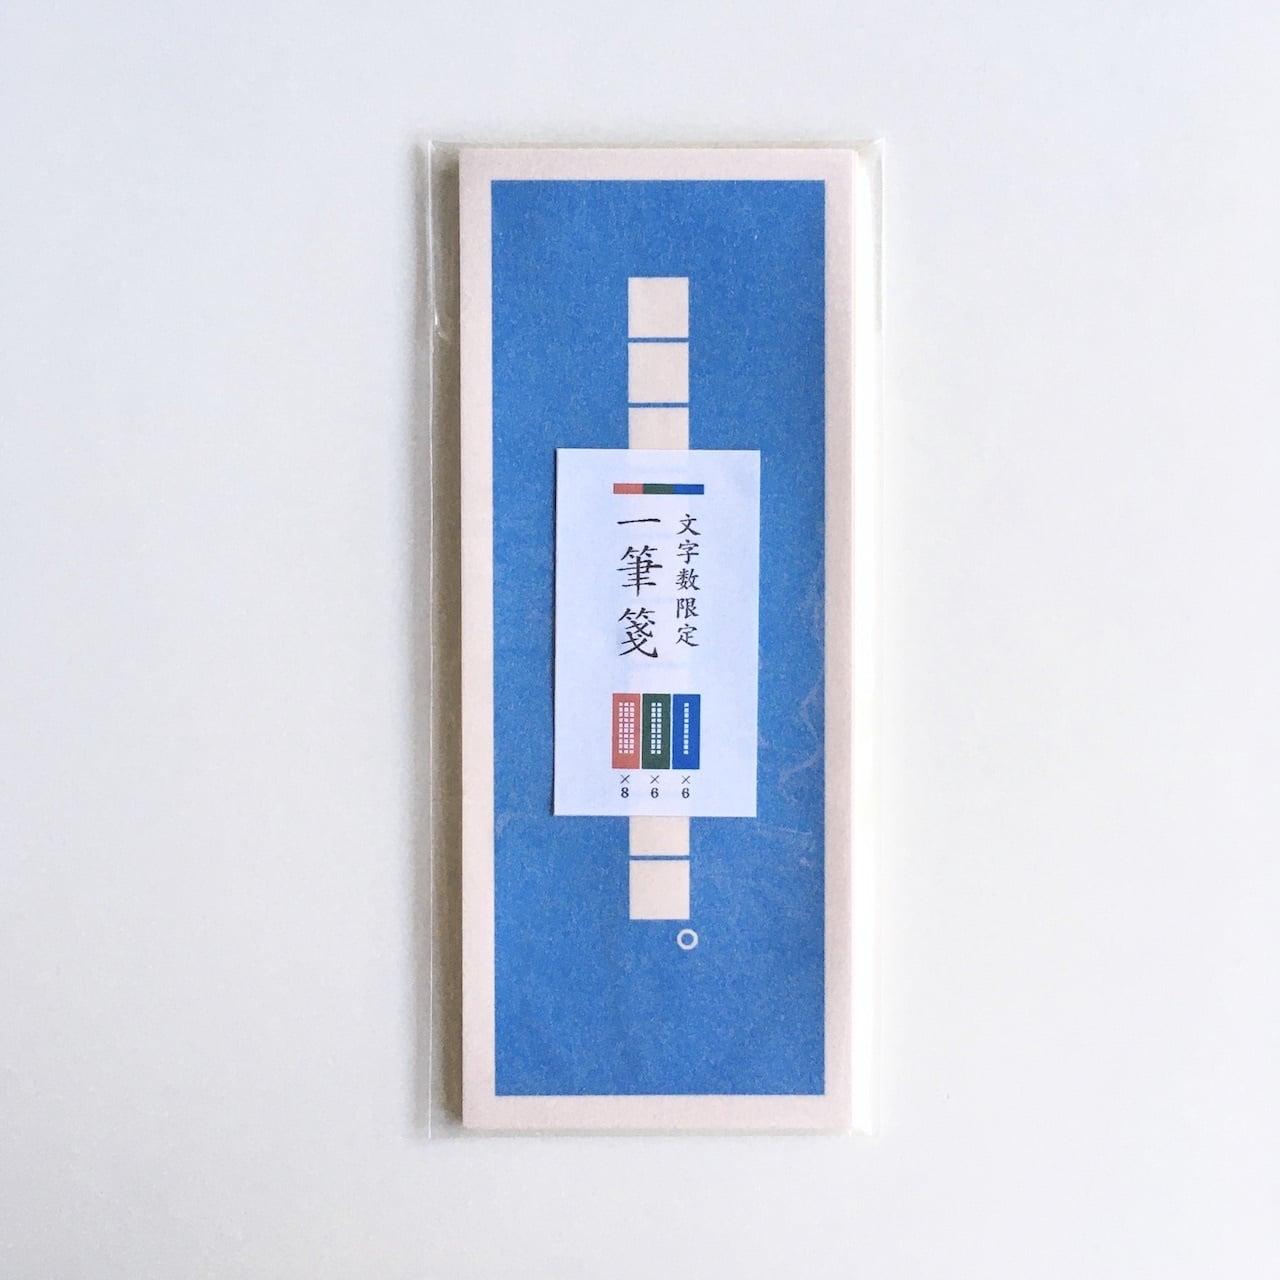 【AUI-AO Design】 文字数限定 一筆箋